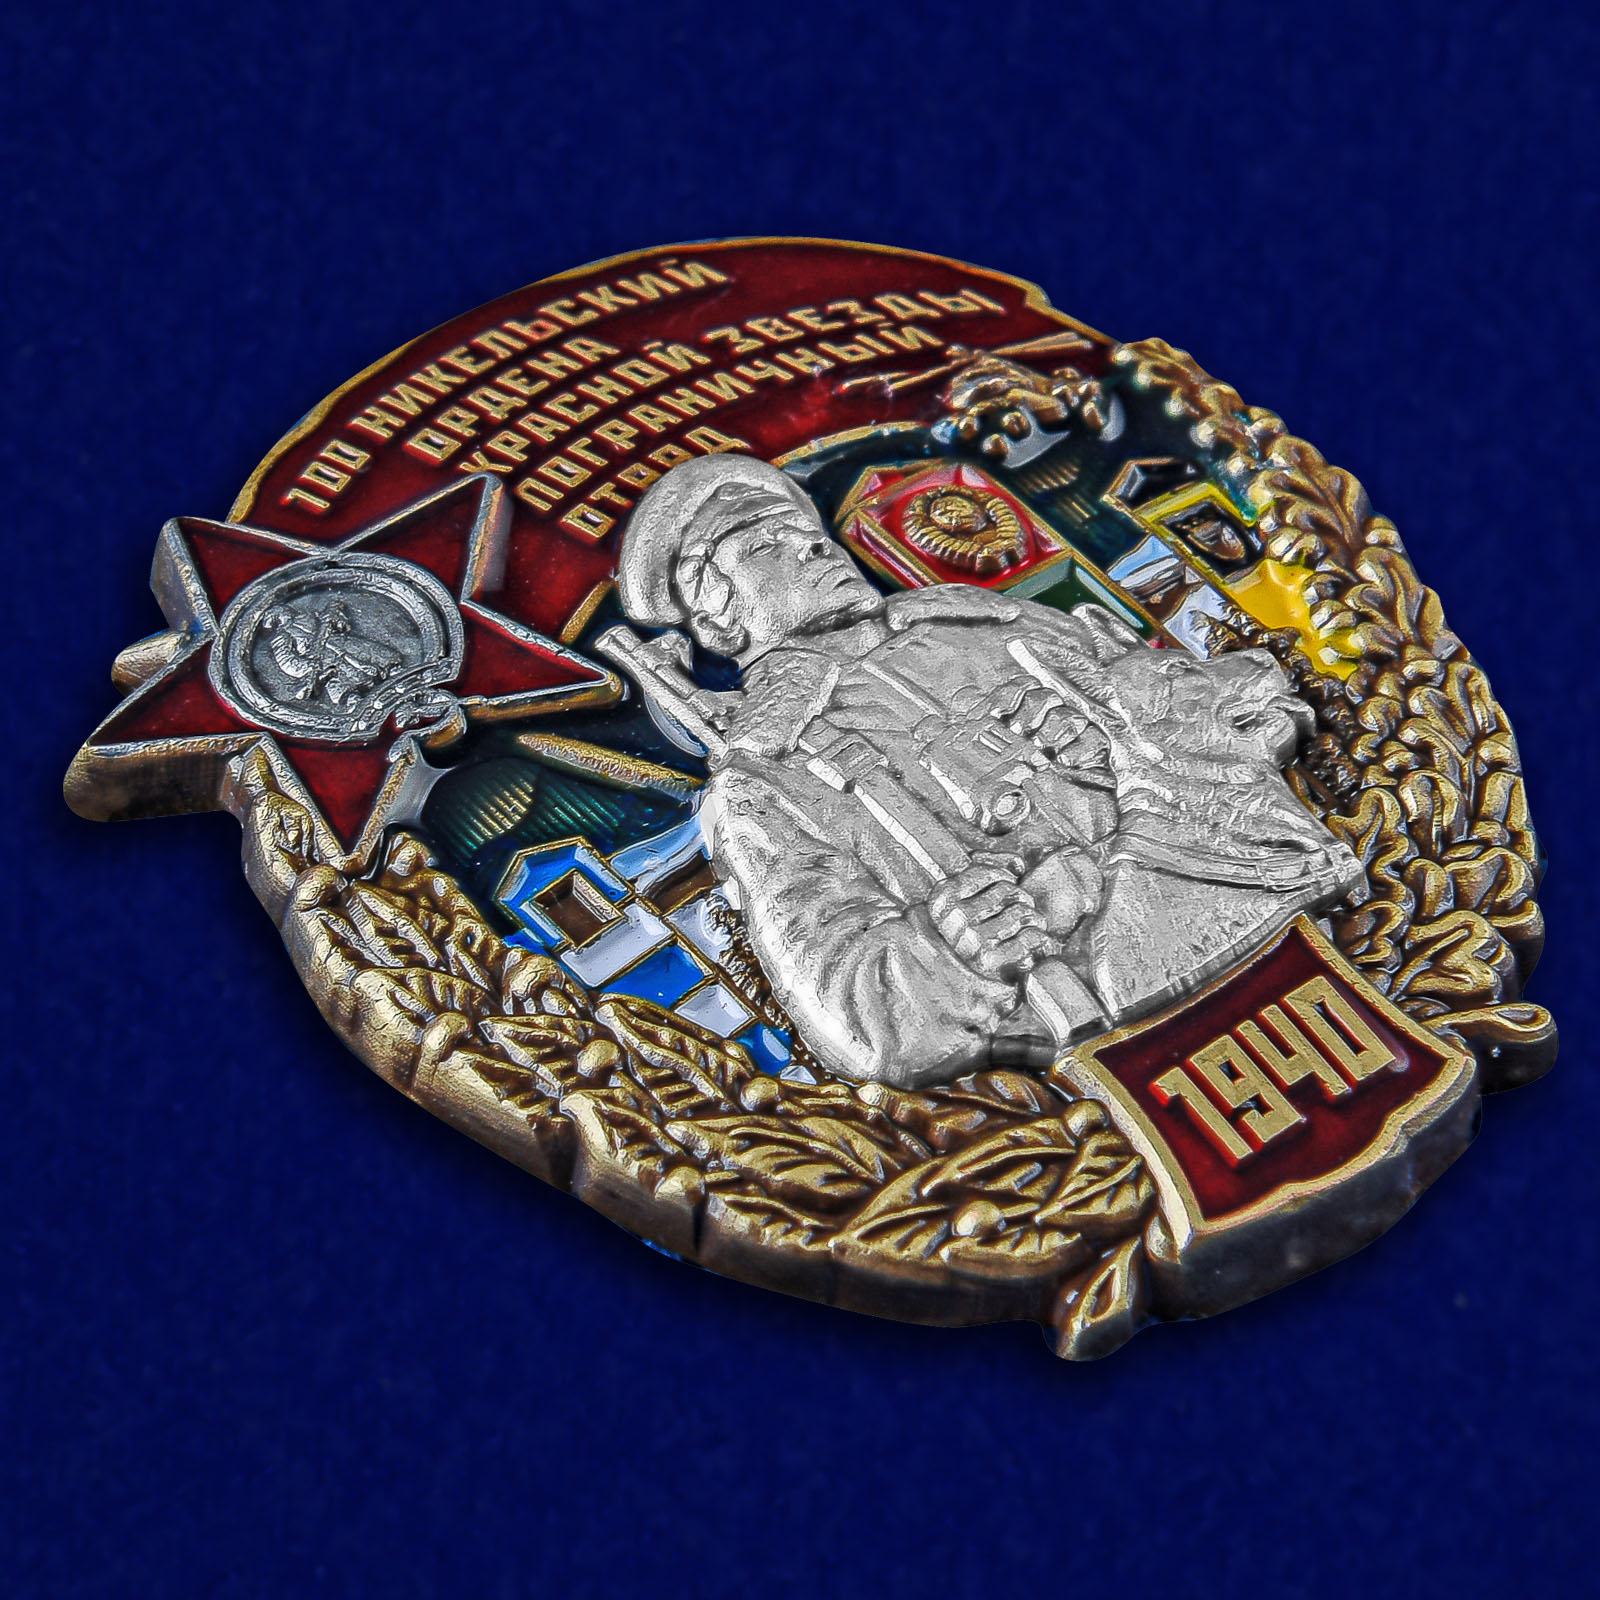 Памятный знак 100 Никельский ордена Красной звезды пограничный отряд - общий вид